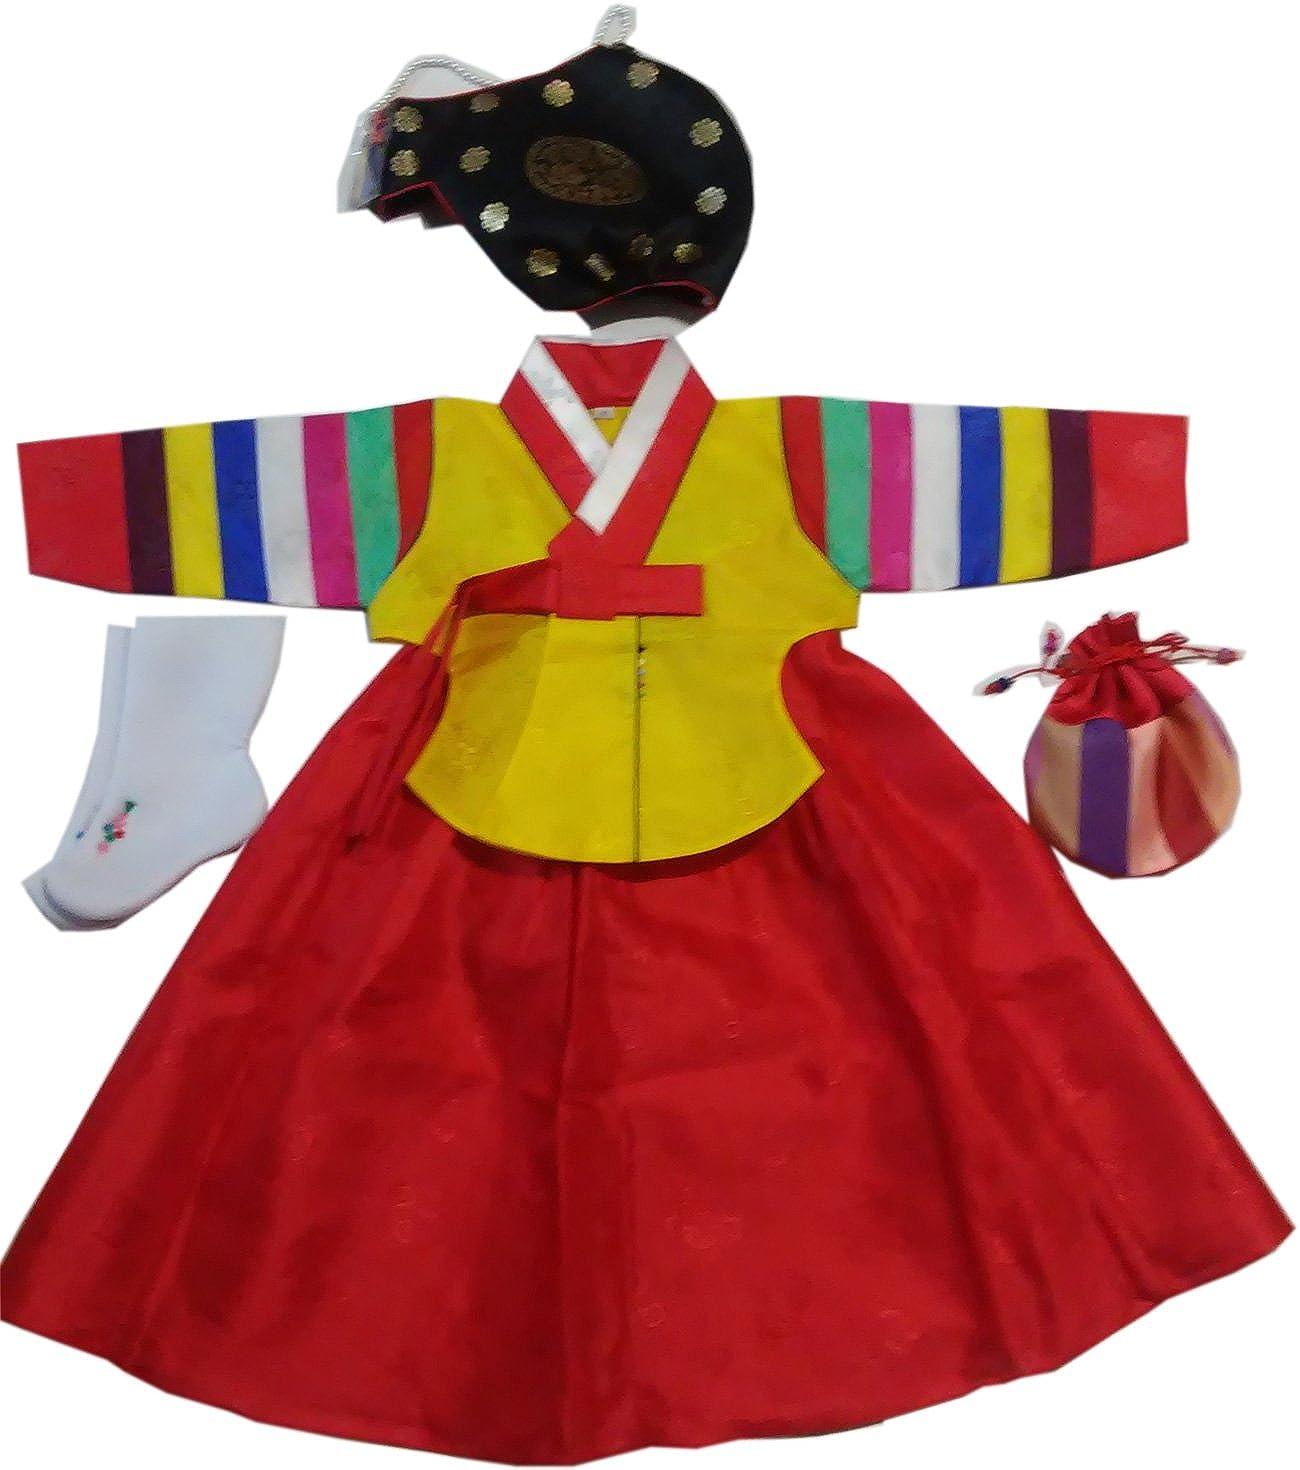 Korean B071SK1YPF Traditional Korean hanboksコスチュームベビー女の子子供用1st誕生日dolbok hg104 hg104 B071SK1YPF, 草津町:747a79f3 --- 2017.goldenesbrett.net